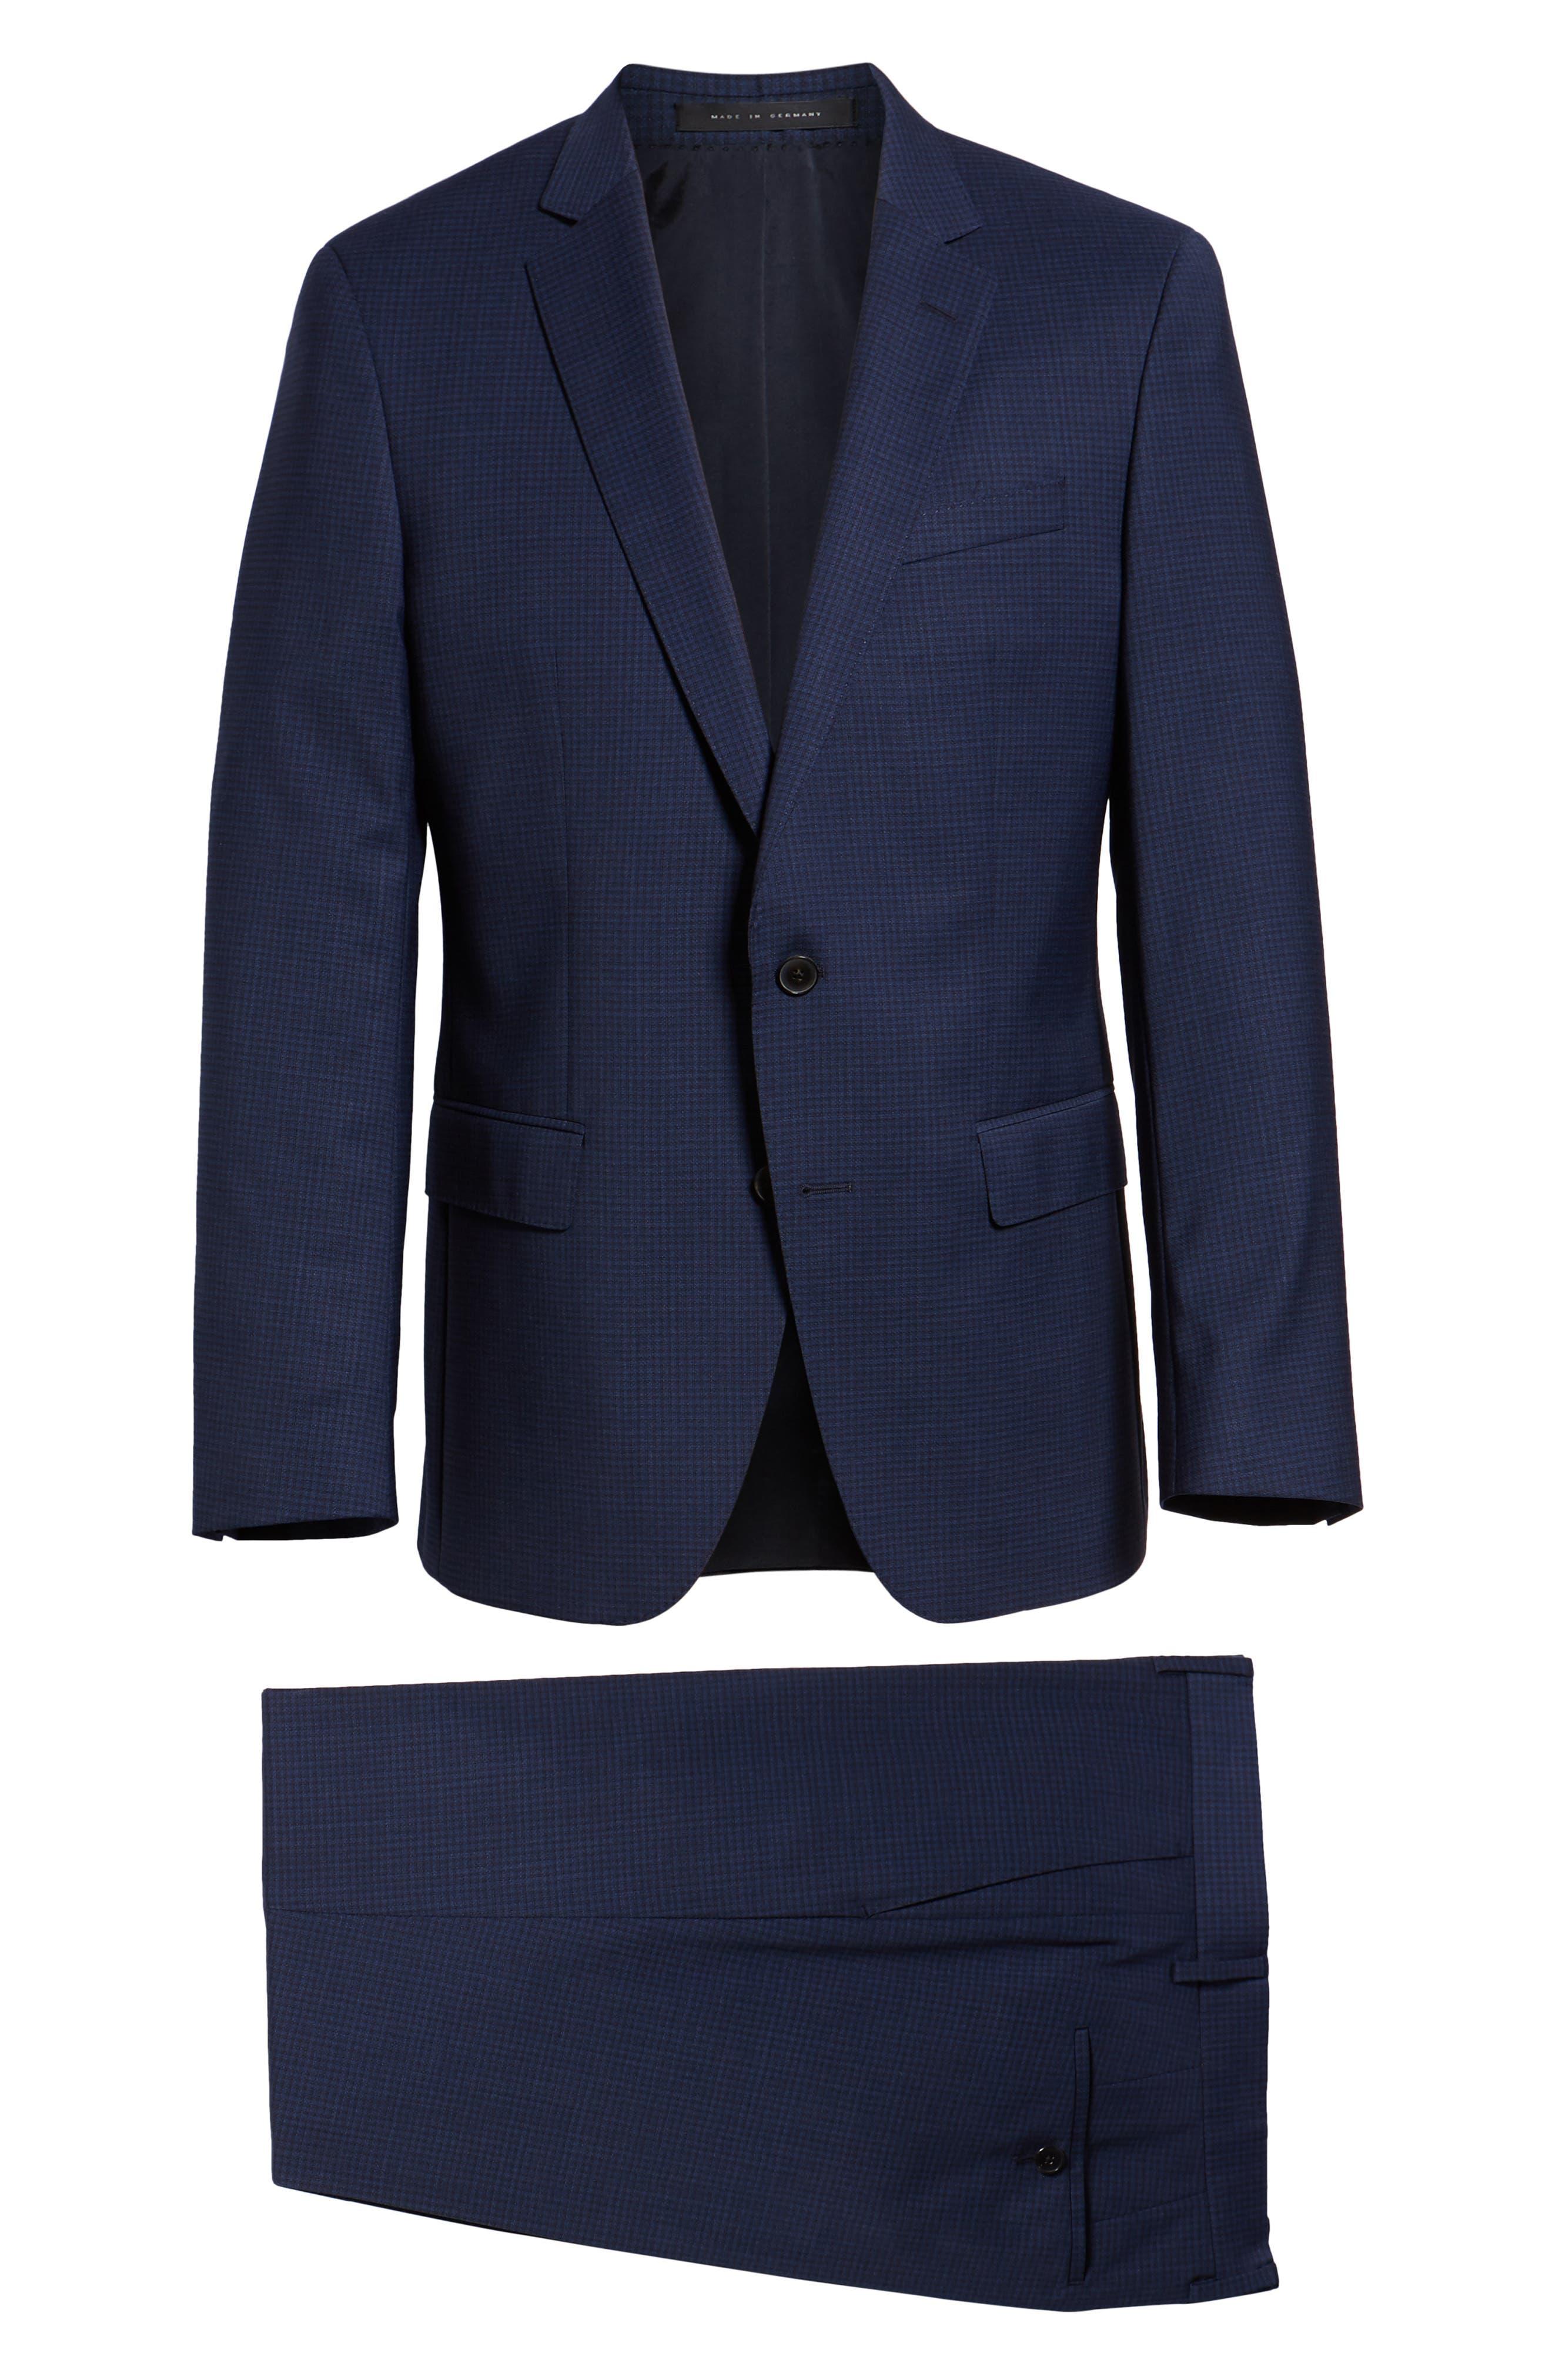 Huge/Genius Trim Fit Solid Wool Suit,                             Alternate thumbnail 8, color,                             DARK BLUE